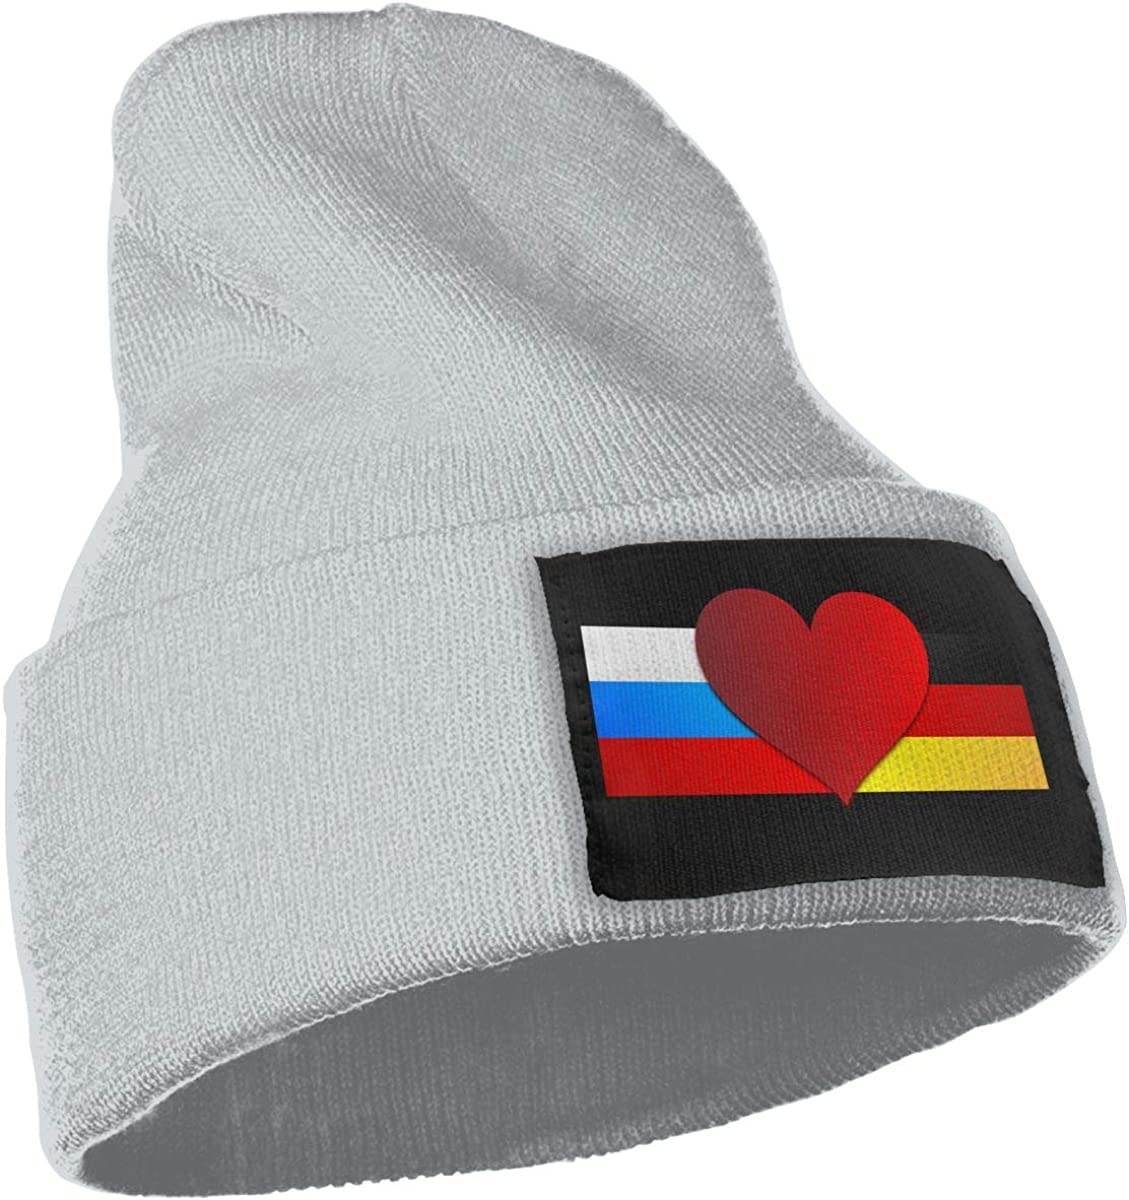 Russia Warm Winter Hat Knit Beanie Skull Cap Cuff Beanie Hat Winter Hats for Men /& Women